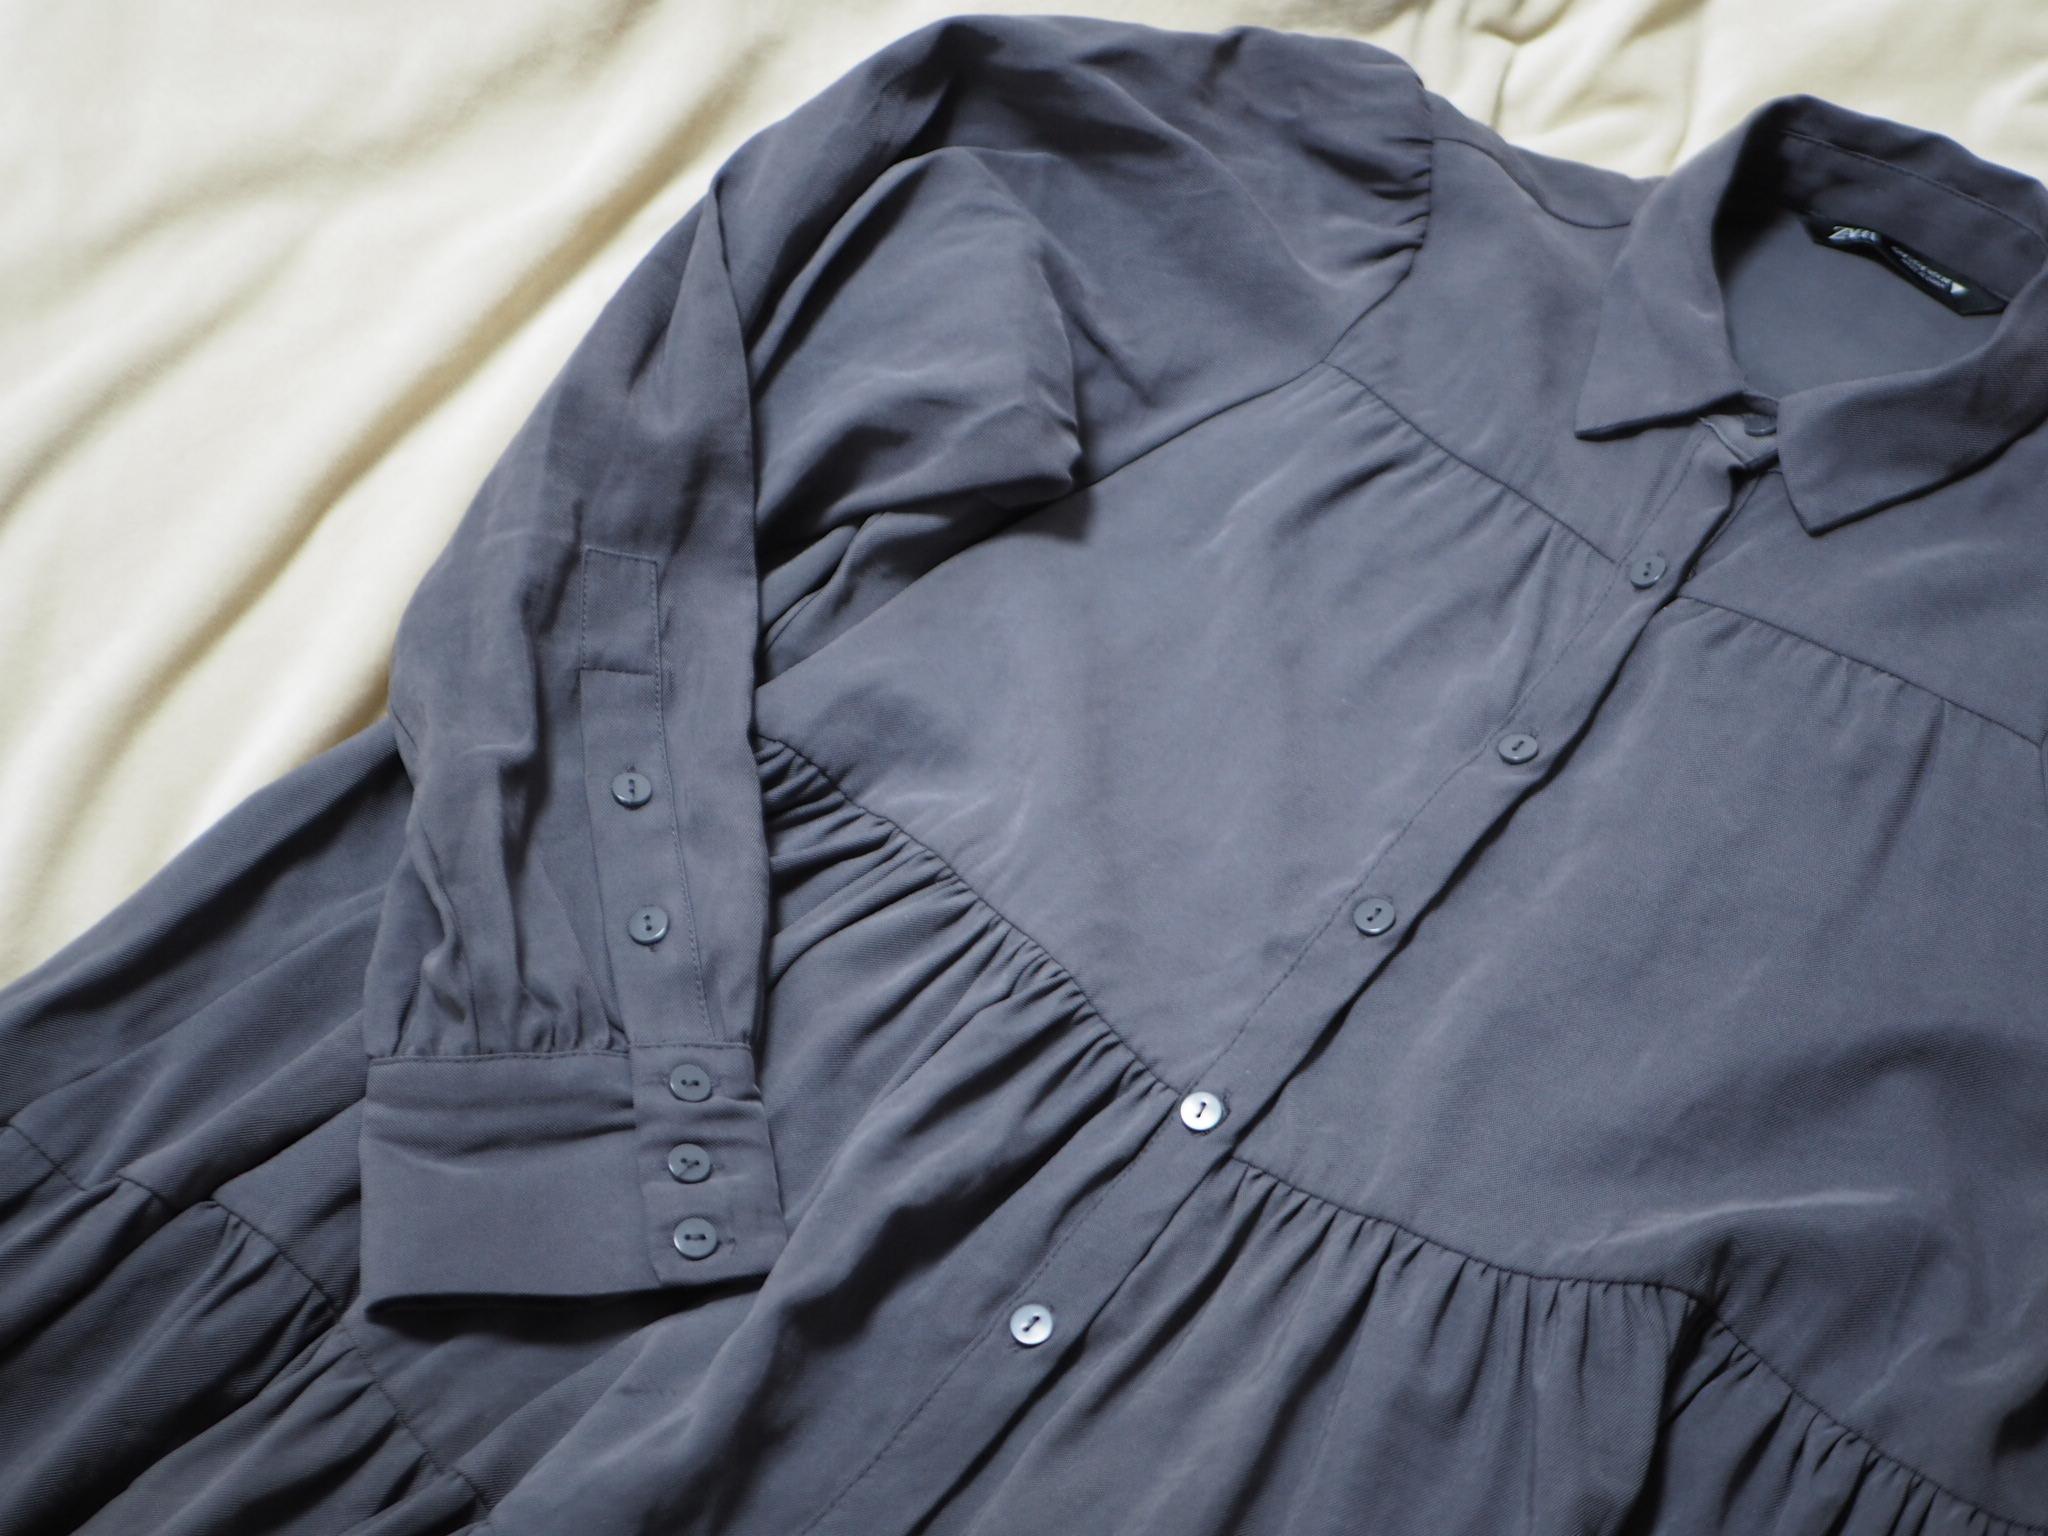 【ZARA】今から春まで着回せる! おすすめのトレンド服《ティアードシャツ》★_2